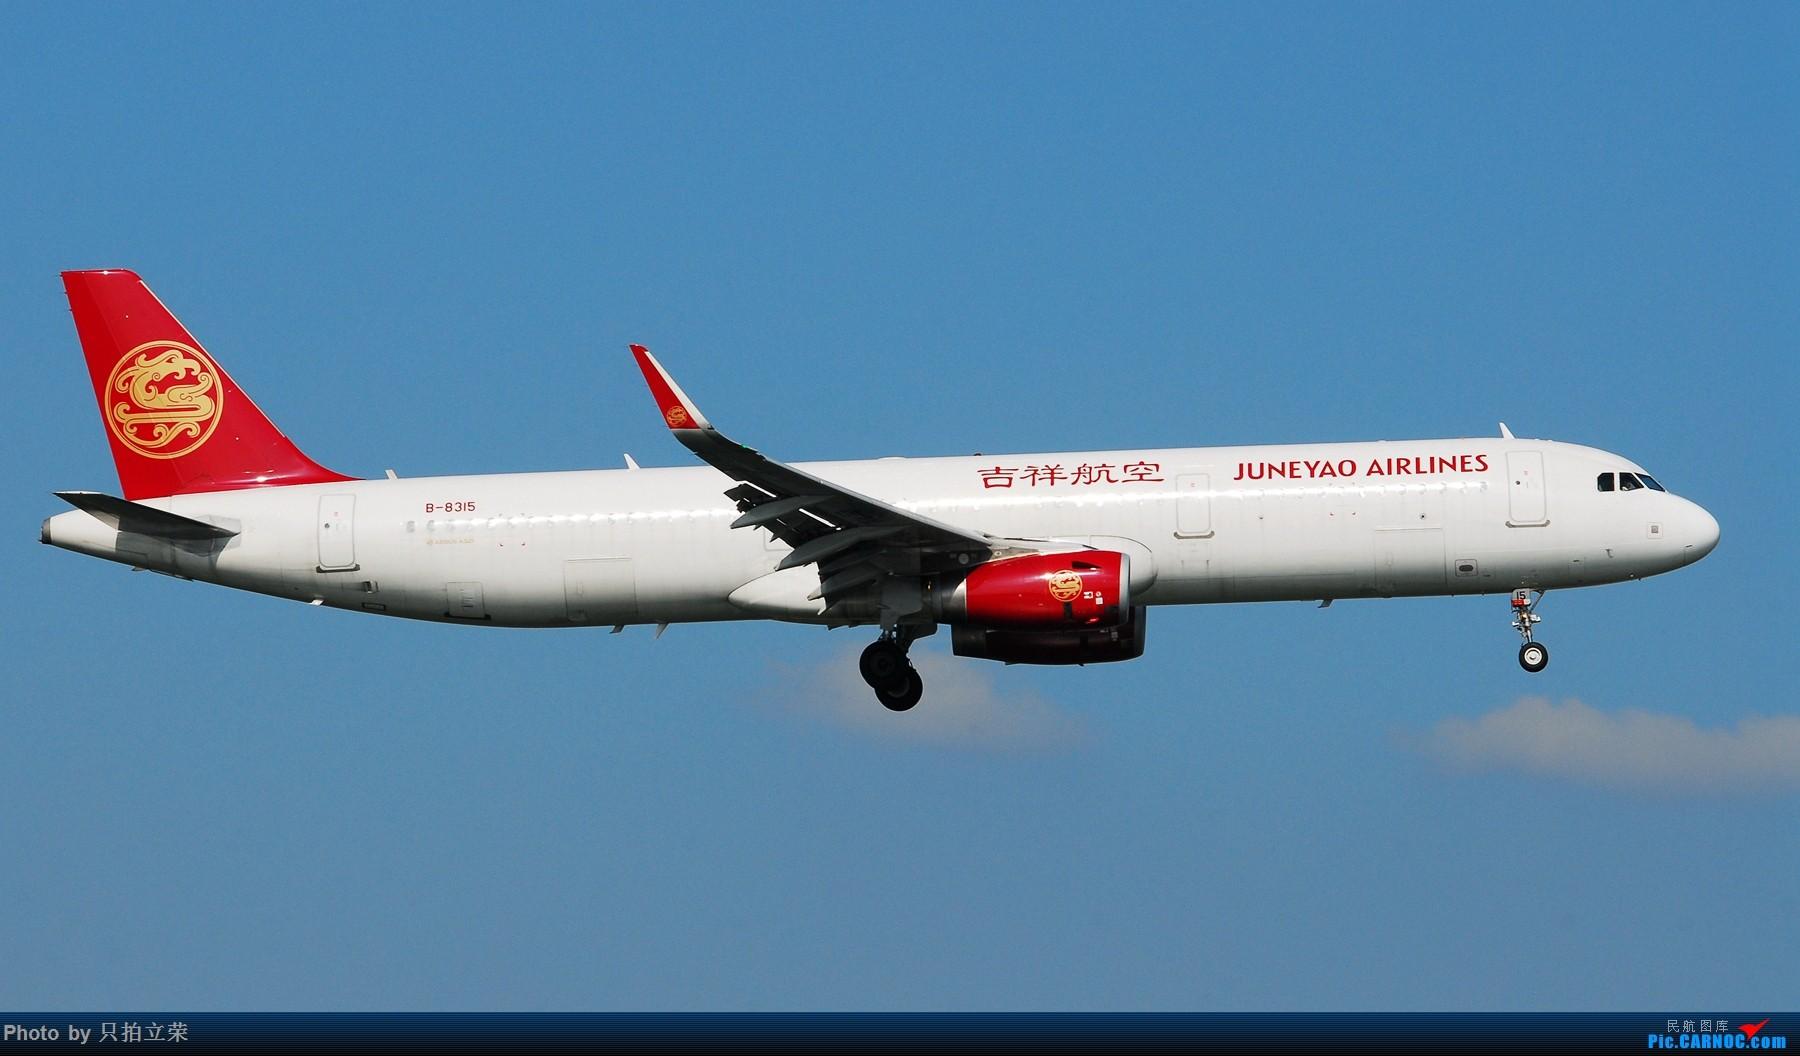 [原创]长沙黄花机场无意拍了好货,还有奶航傻傻分不清楚 AIRBUS A321-200 B-8315 中国长沙黄花国际机场